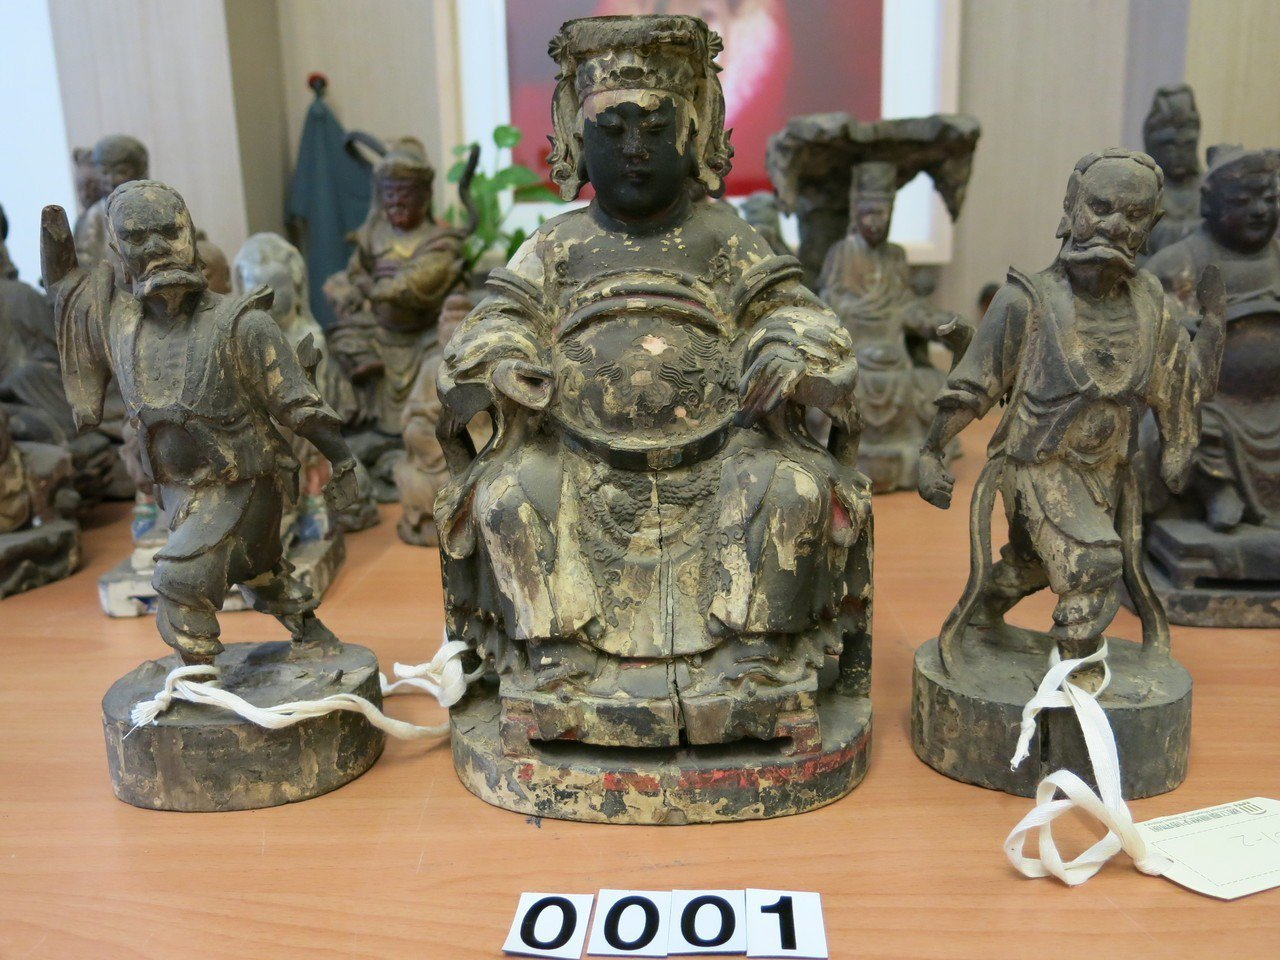 這組媽祖、千里眼、順風耳像,是難得的臺灣早期神像,即使構件略不完整,亦未減損它的...